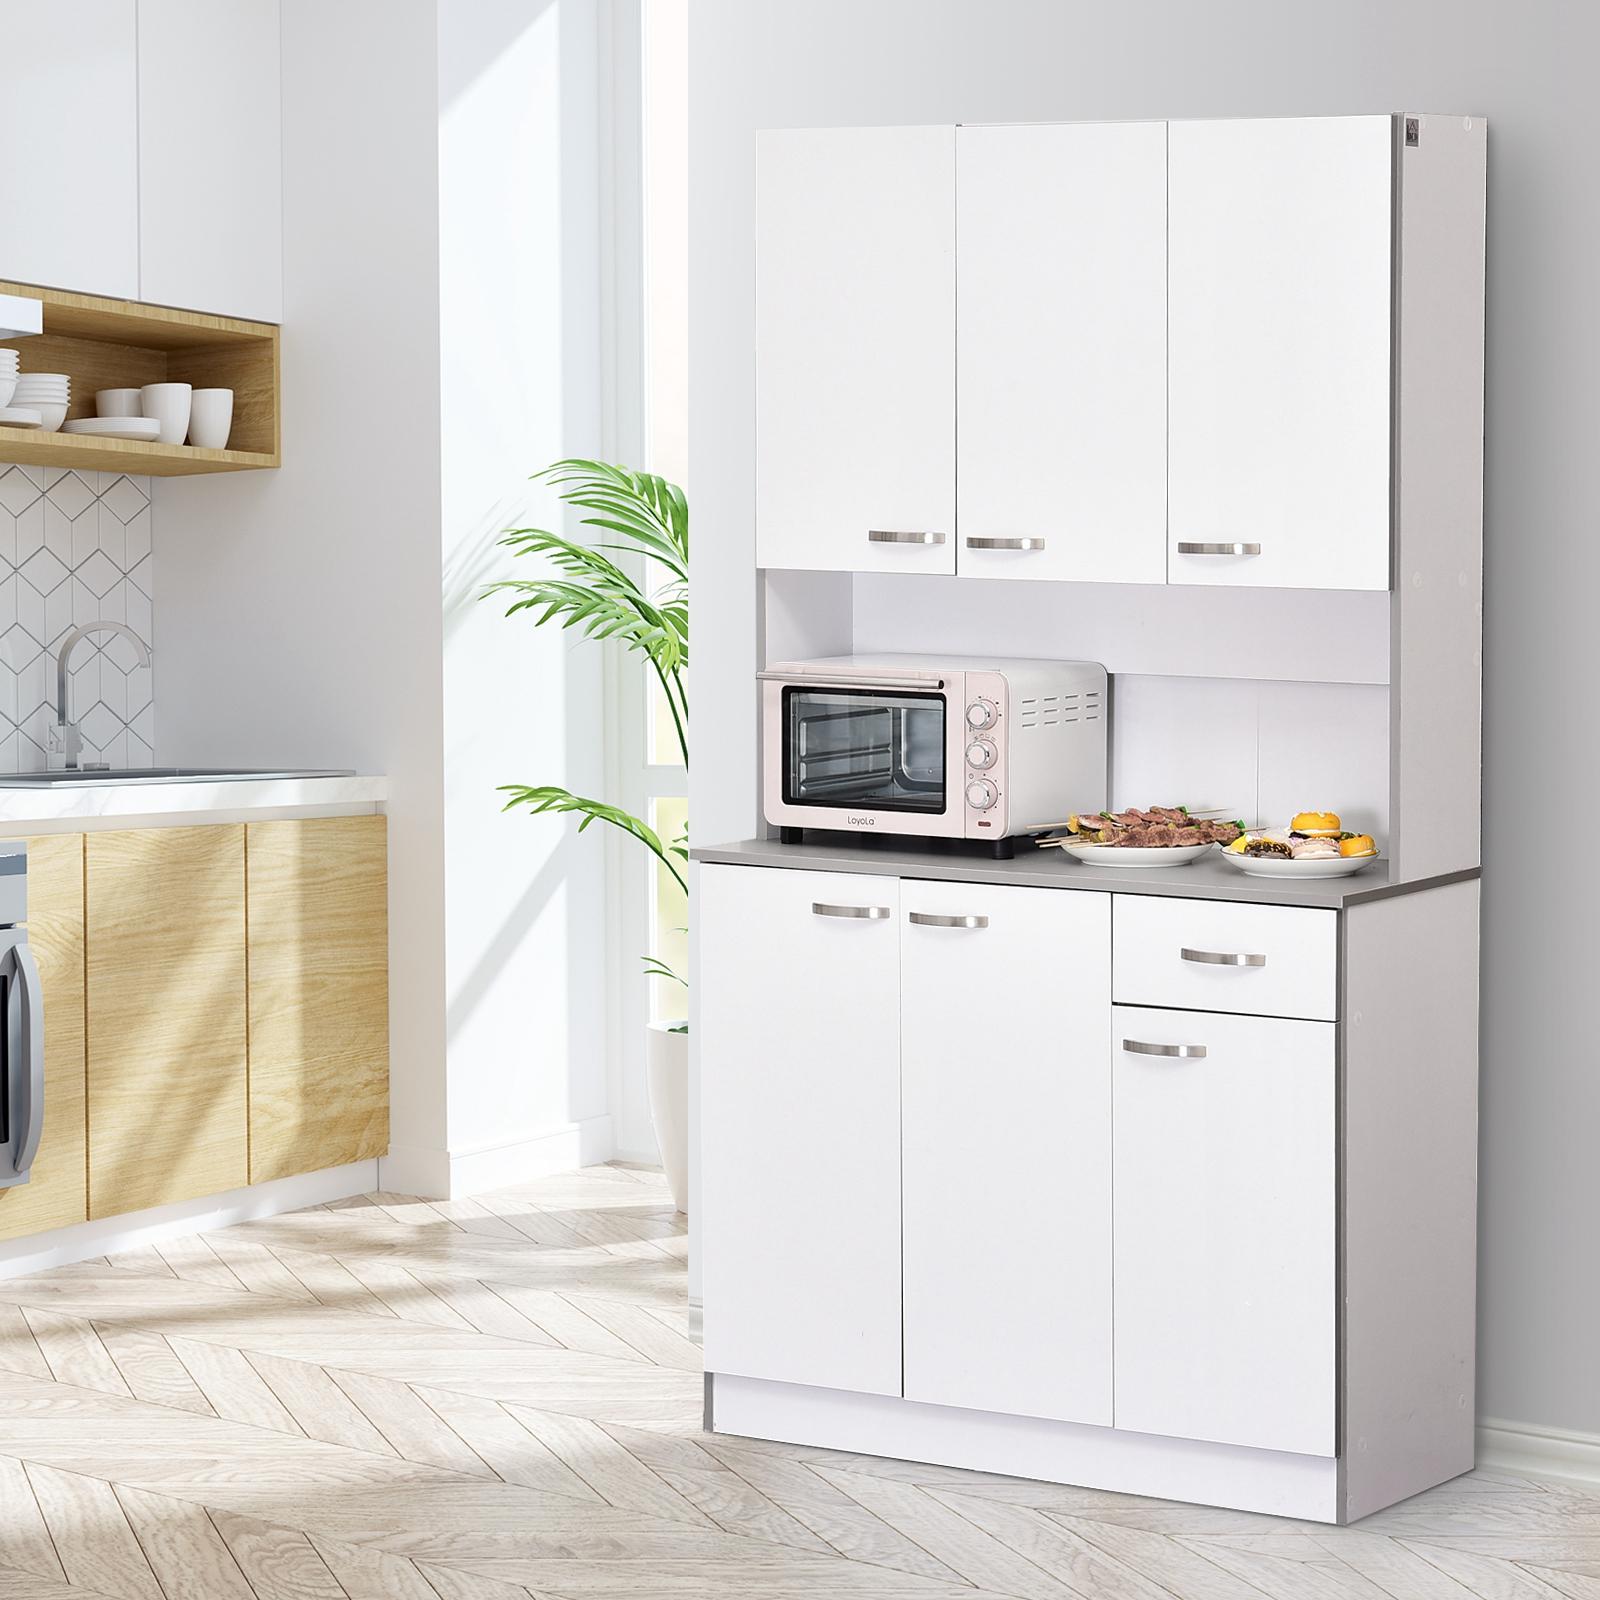 Details about HOMCOM Kitchen Pantry Cupboard Wooden Storage Cabinet  Organizer Shelf White